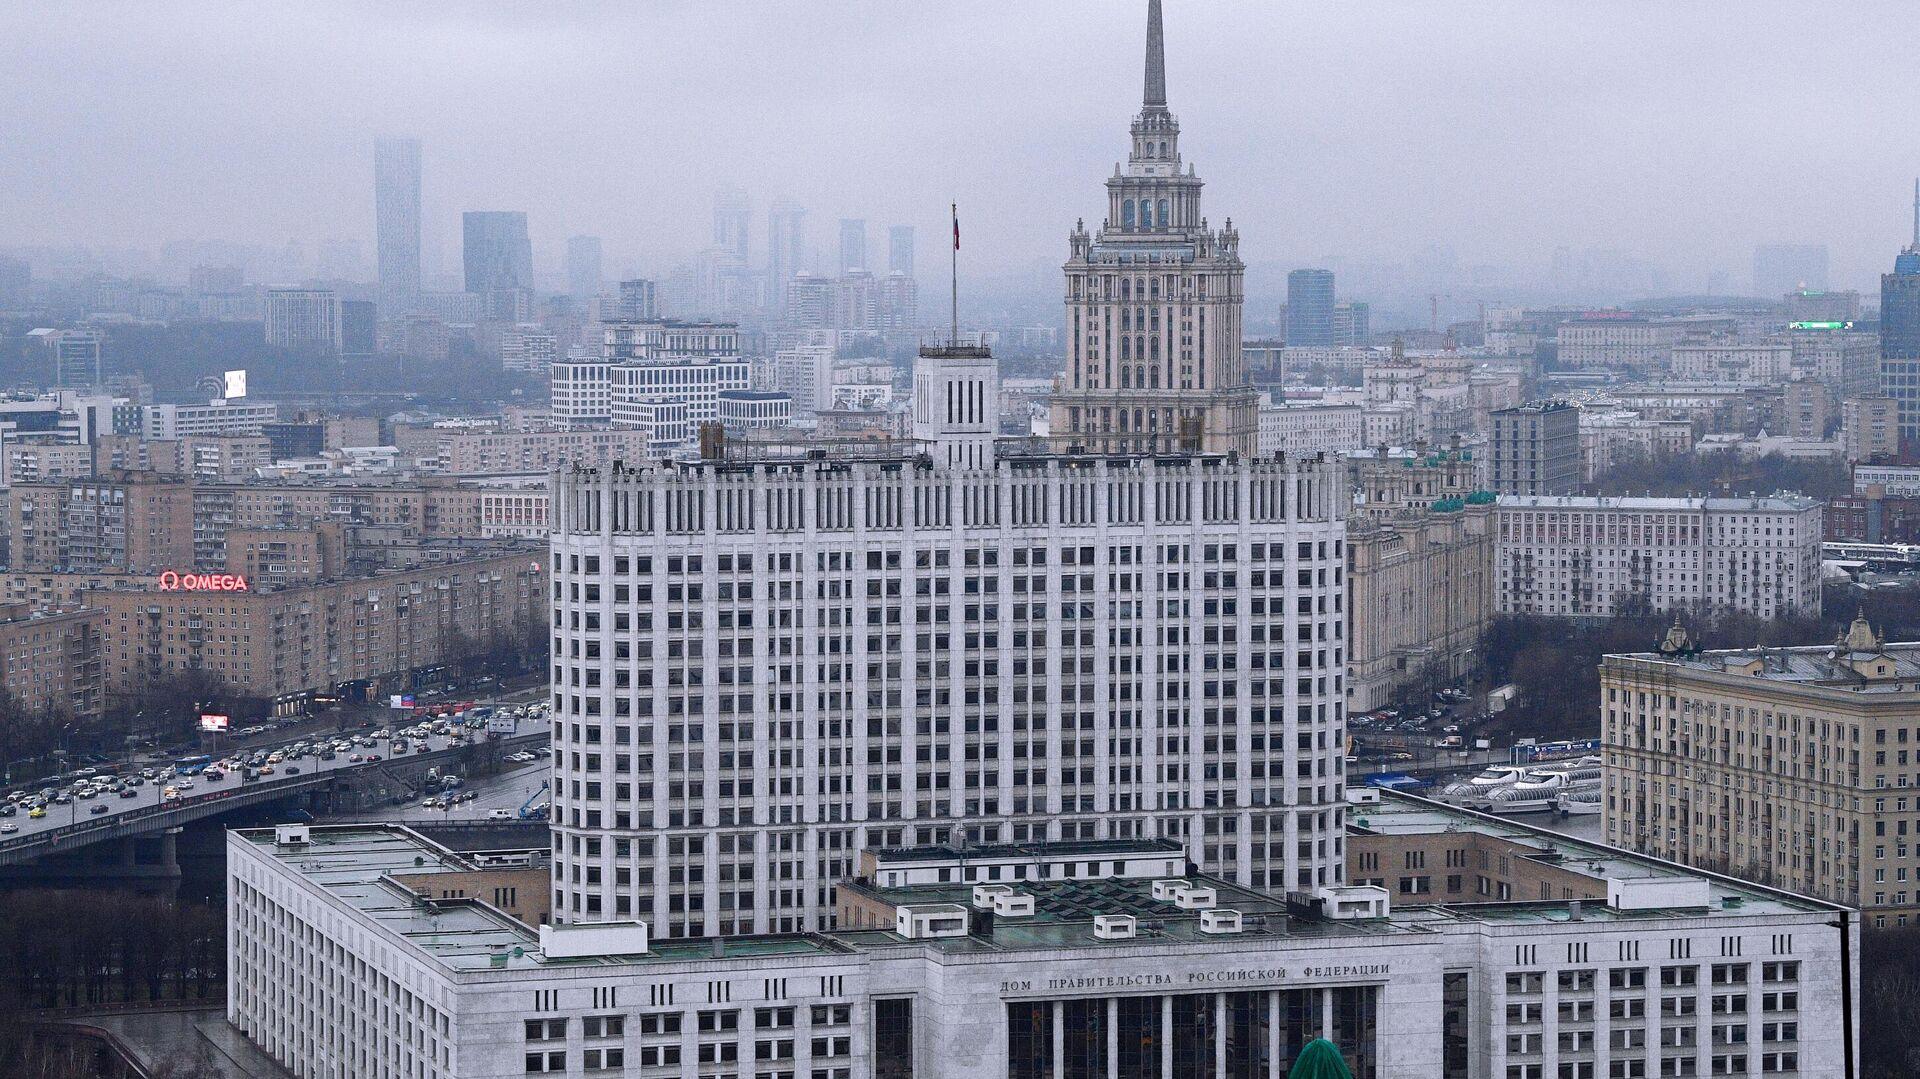 Здание правительства РФ  - РИА Новости, 1920, 01.06.2021